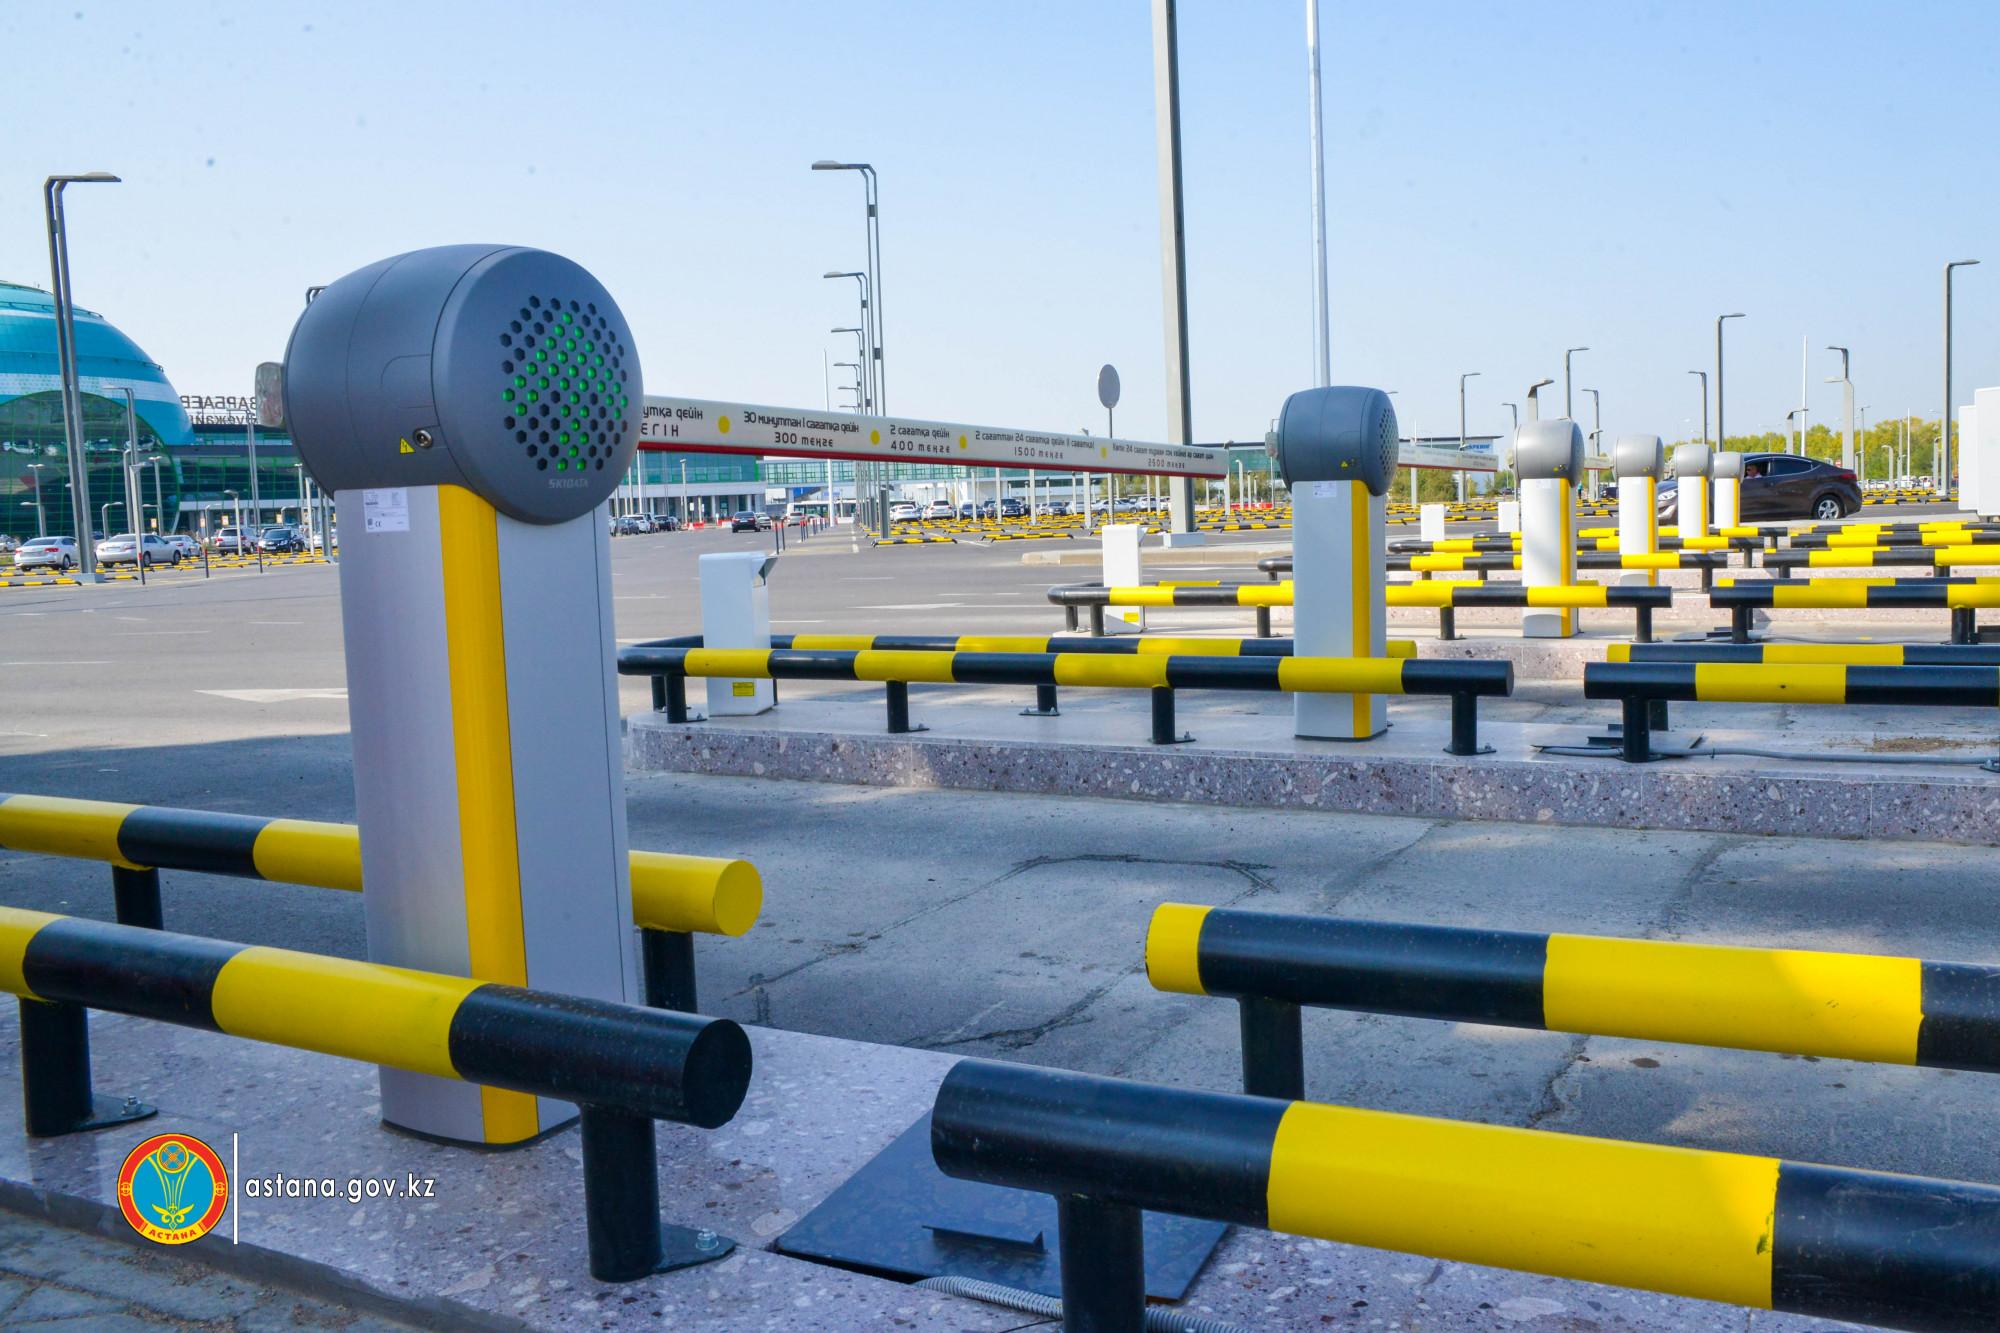 В Астане до конца года количество парковочных мест должно увеличиться